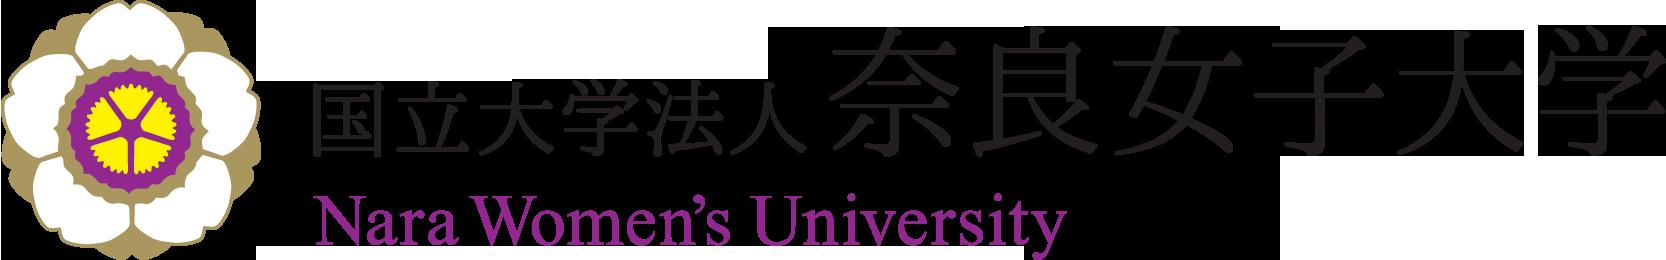 立命館アジア太平洋大学の評判と偏差値【APUとよばれています】